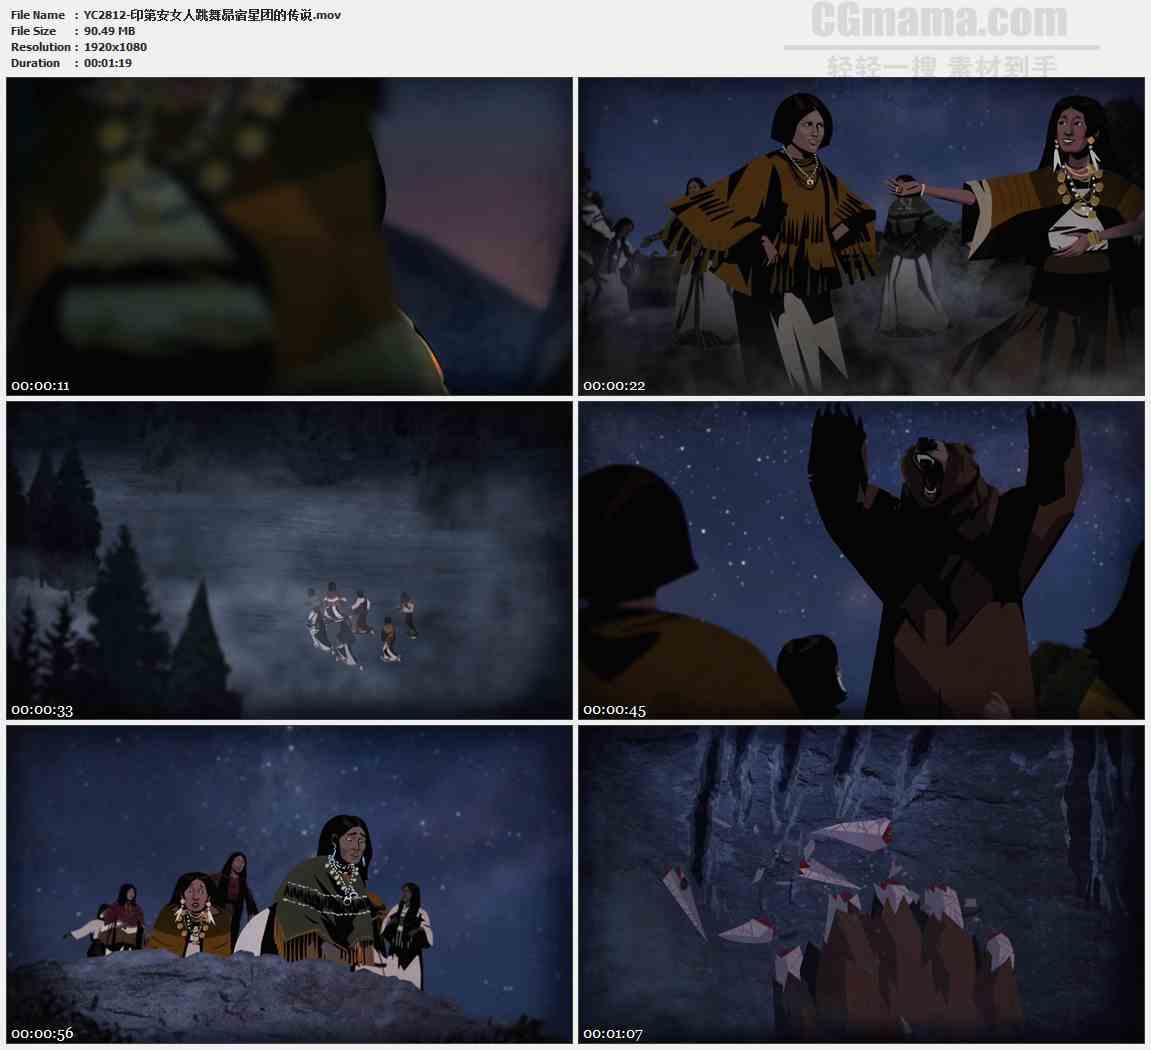 YC2812-印第安女人跳舞昴宿星团的传说高清实拍视频素材